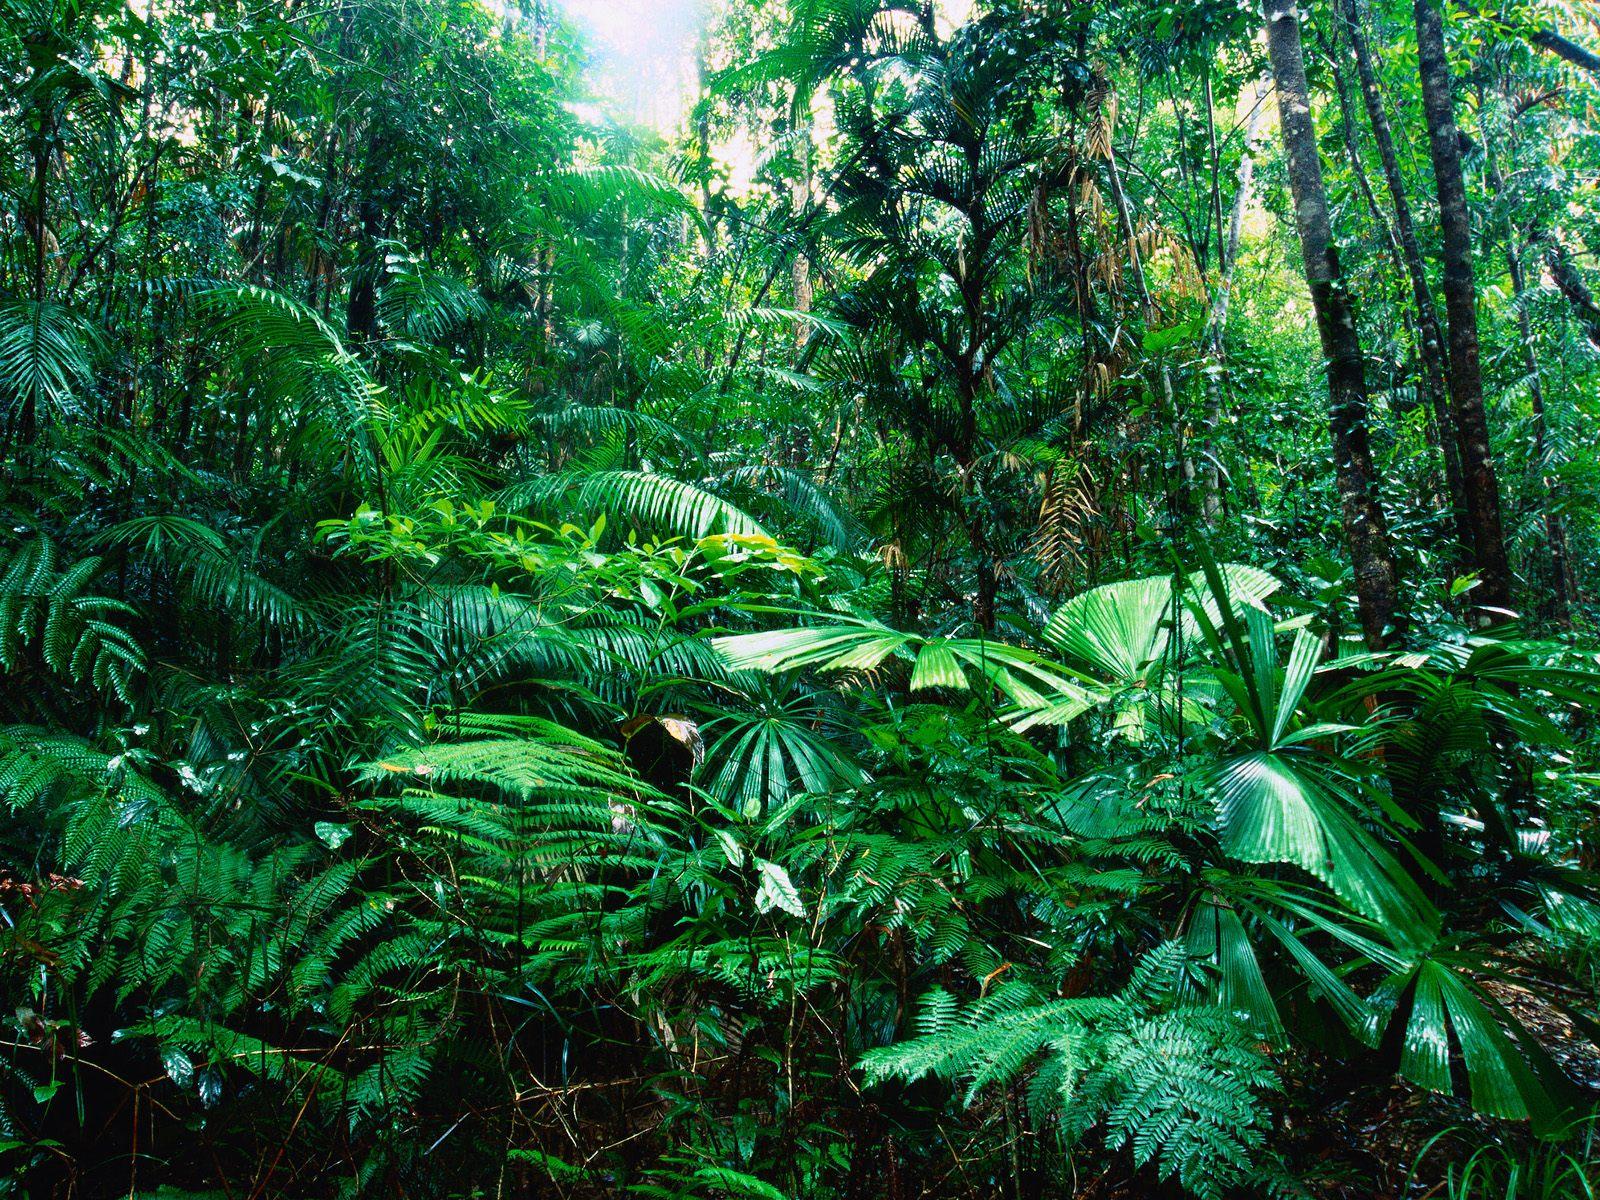 rainforest_wallpaper